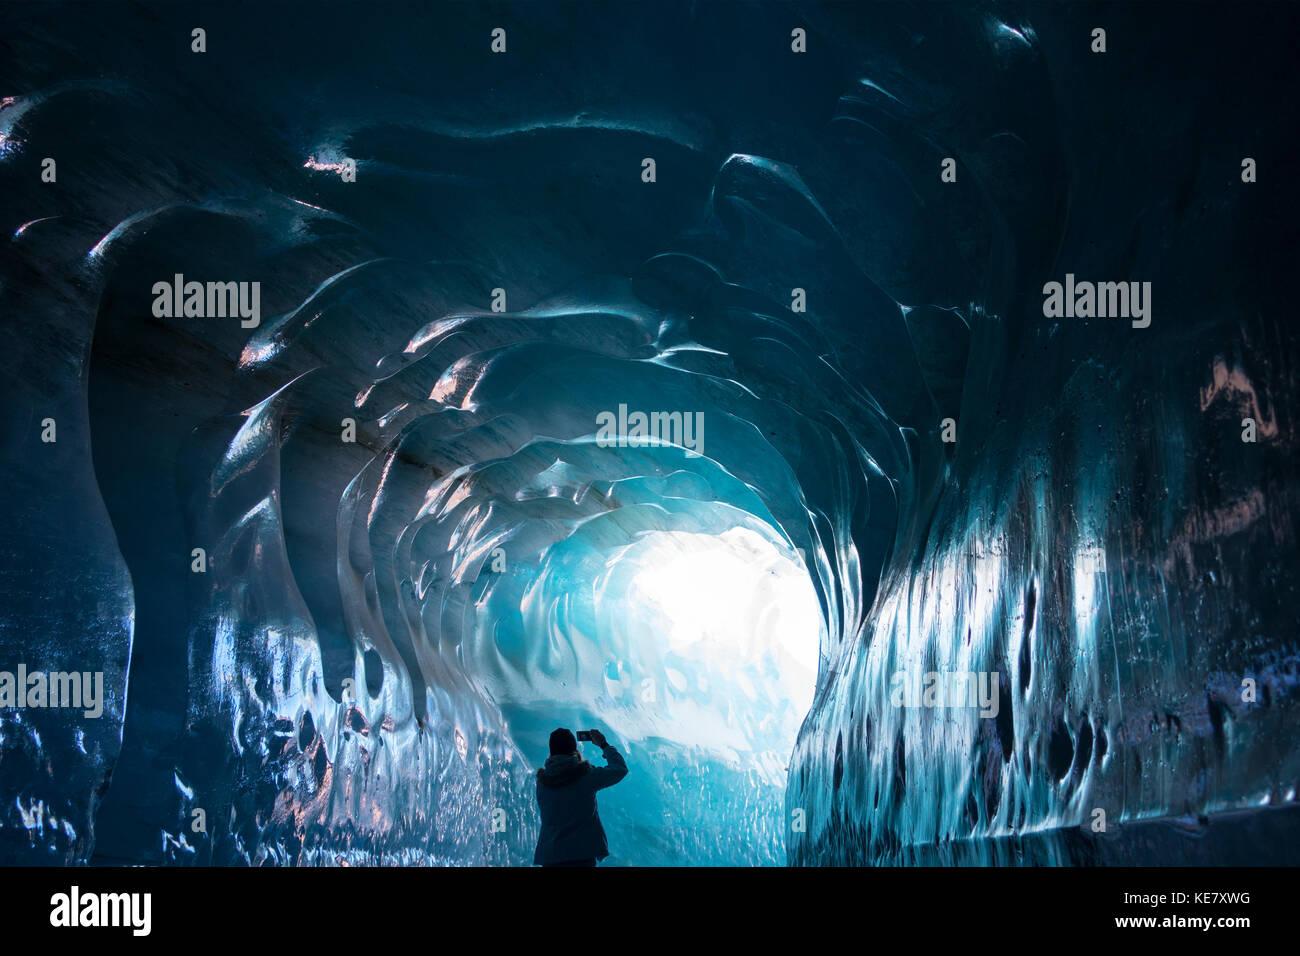 Mer de Glace, Grotte de glace, France Photo Stock